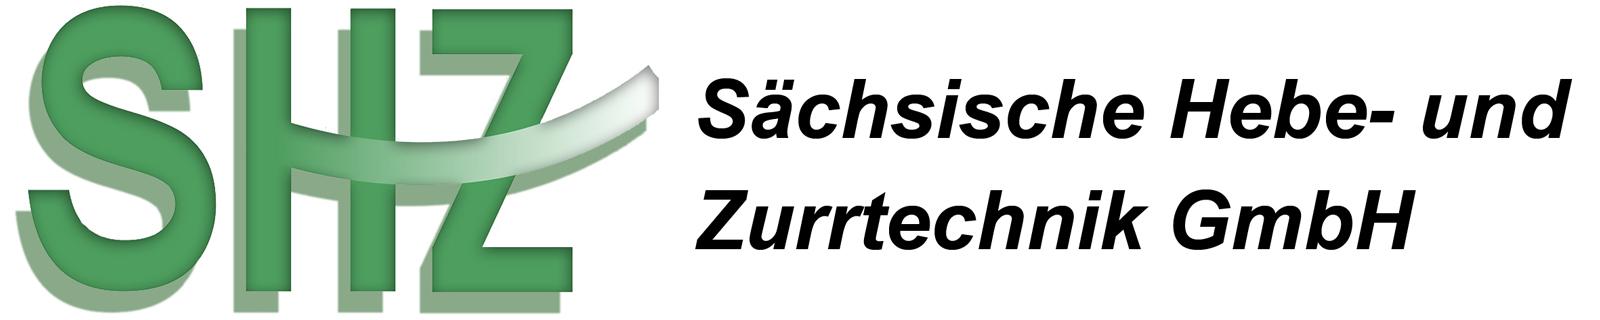 SHZ Sächsische Hebe- und Zurrtechnik GmbH